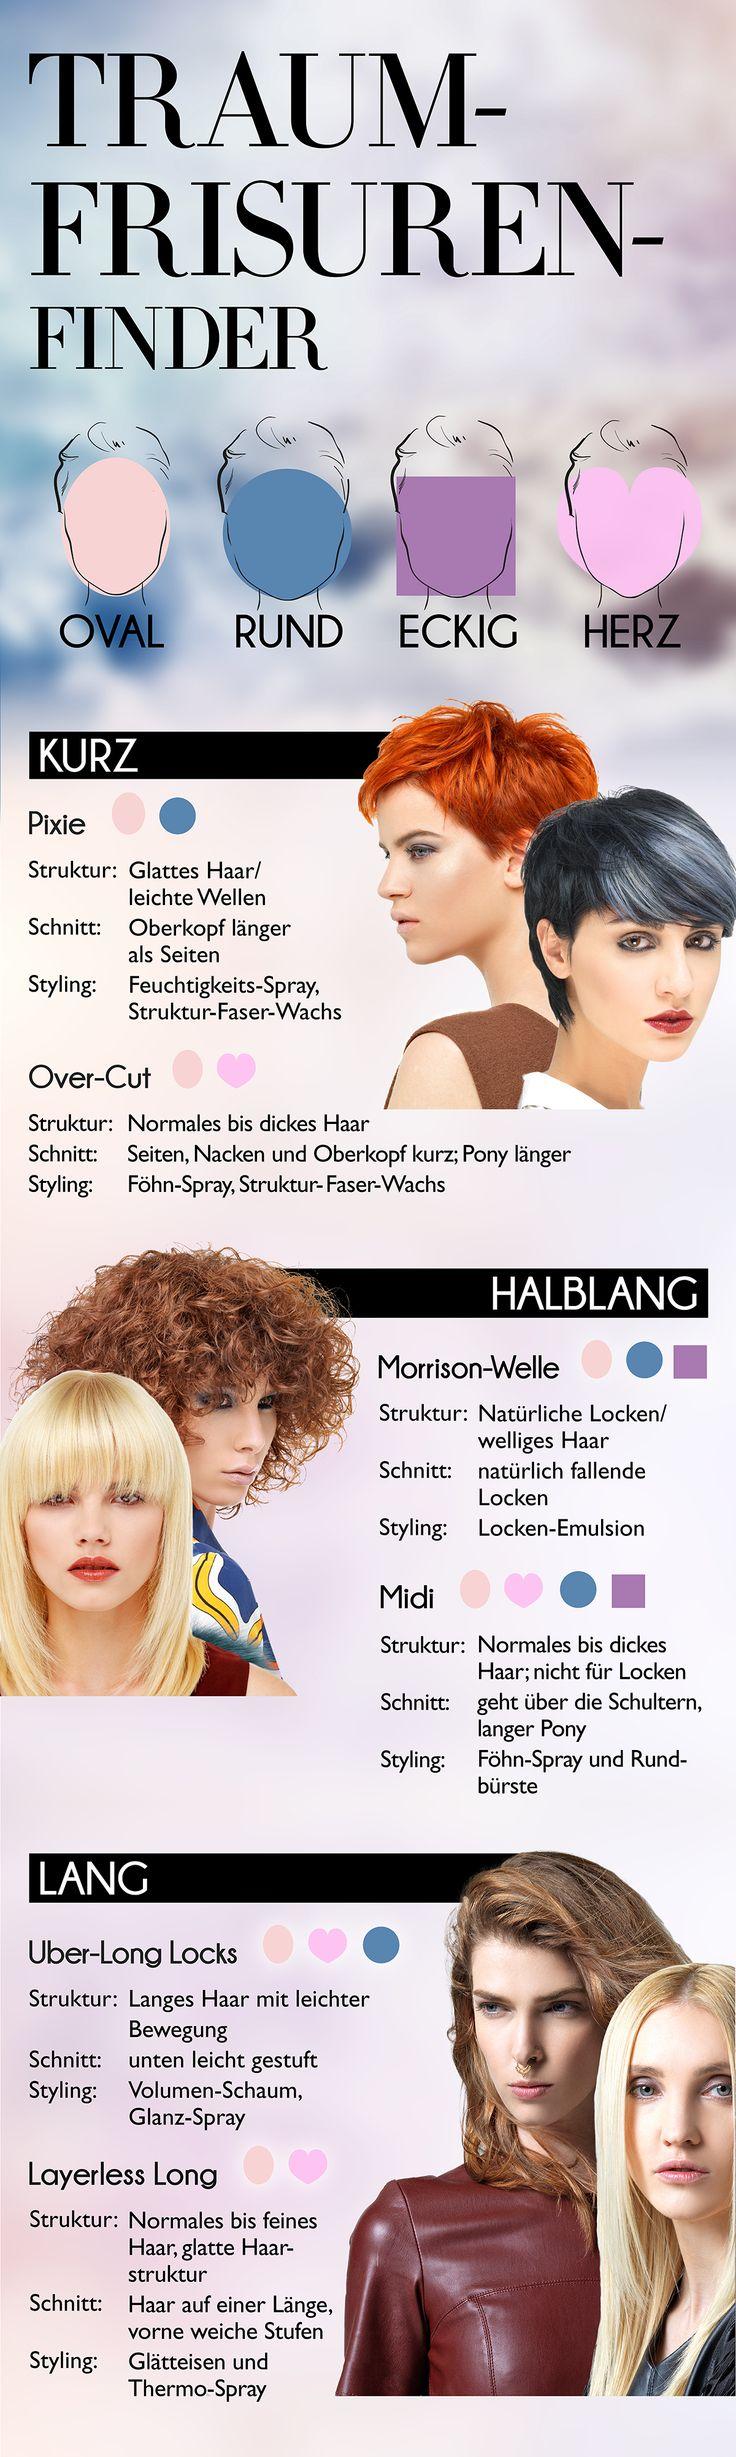 Ihr sucht eure Traumfrisur. In unserem Frisuren-Finder zeigen wir euch, welche Frisur zu eurer Kopfform passt – von langen Locken bis kurzem Pixie.